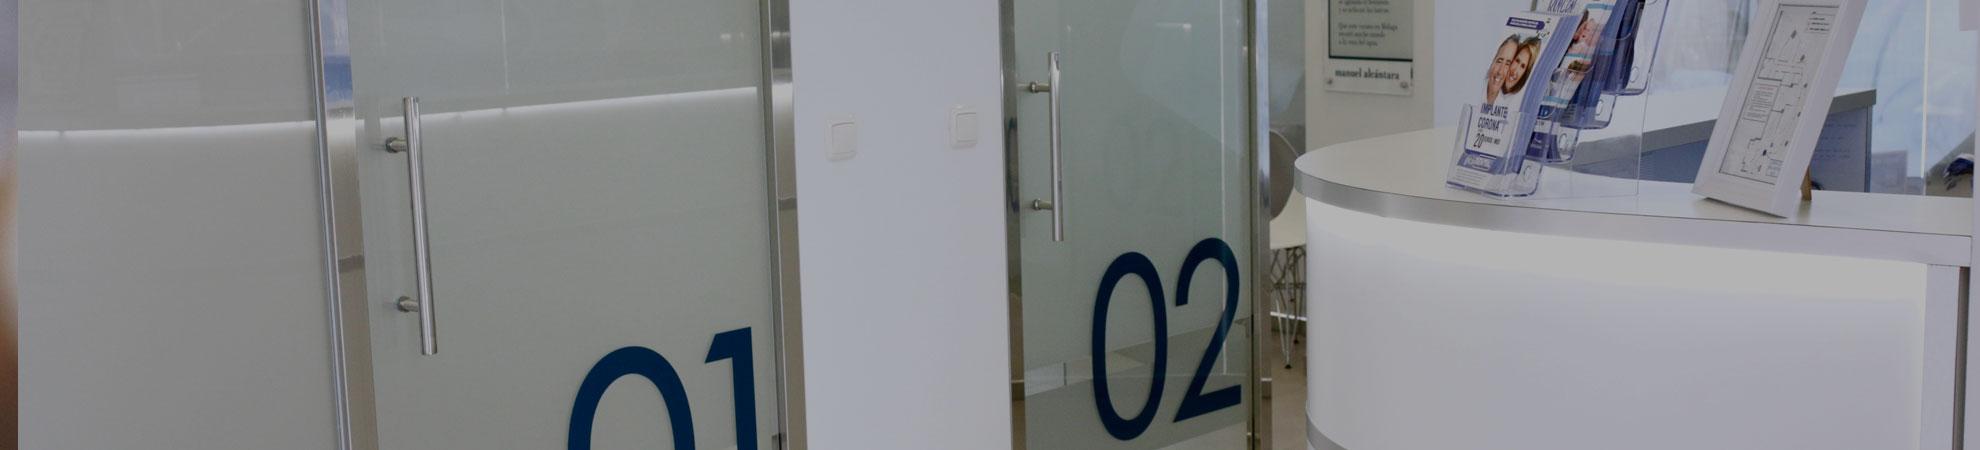 instalaciones-banner-lite2